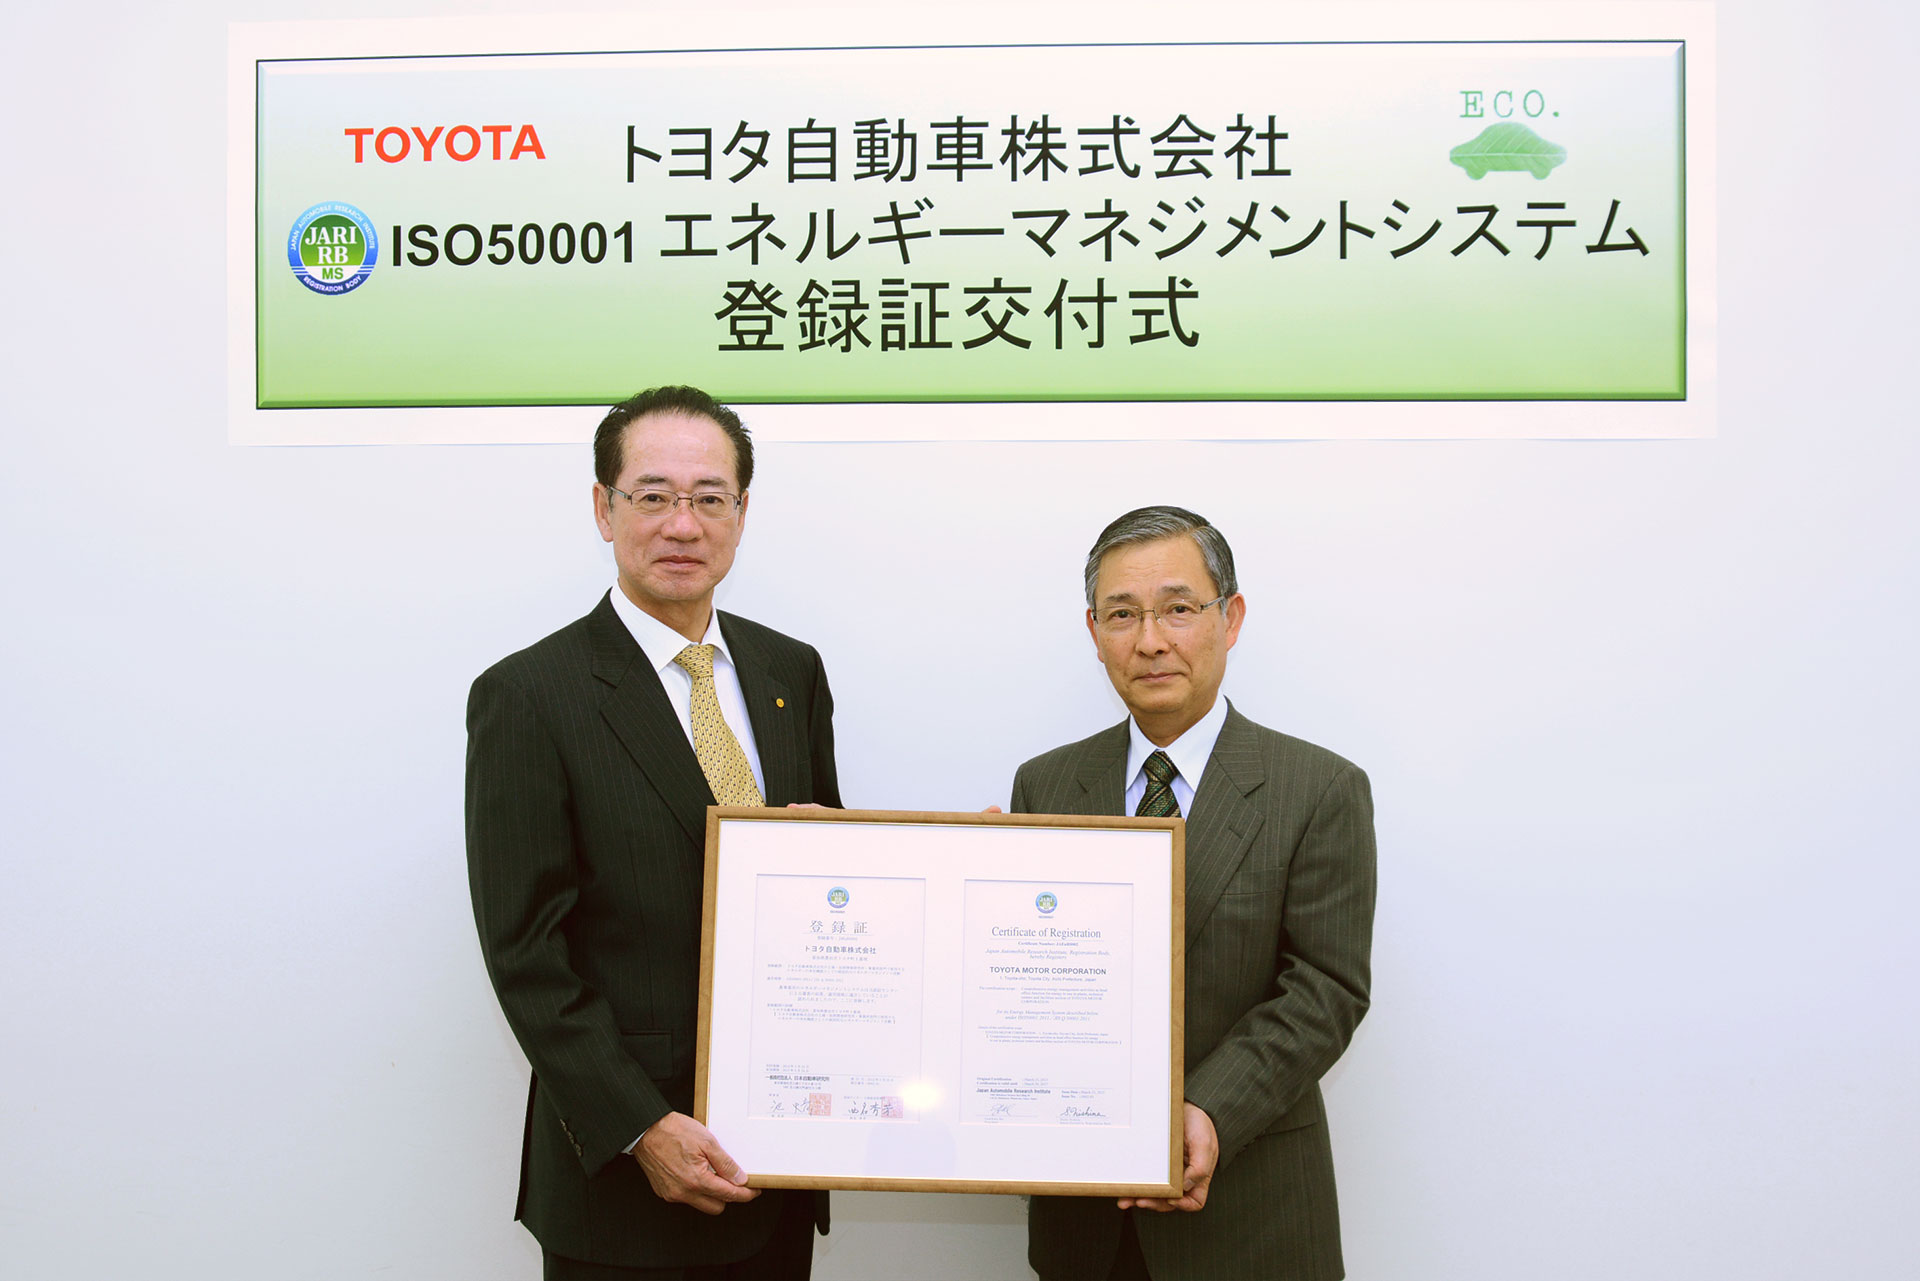 トヨタ、国内自動車製造業で初めてエネルギーマネジメント規格「ISO50001」を取得